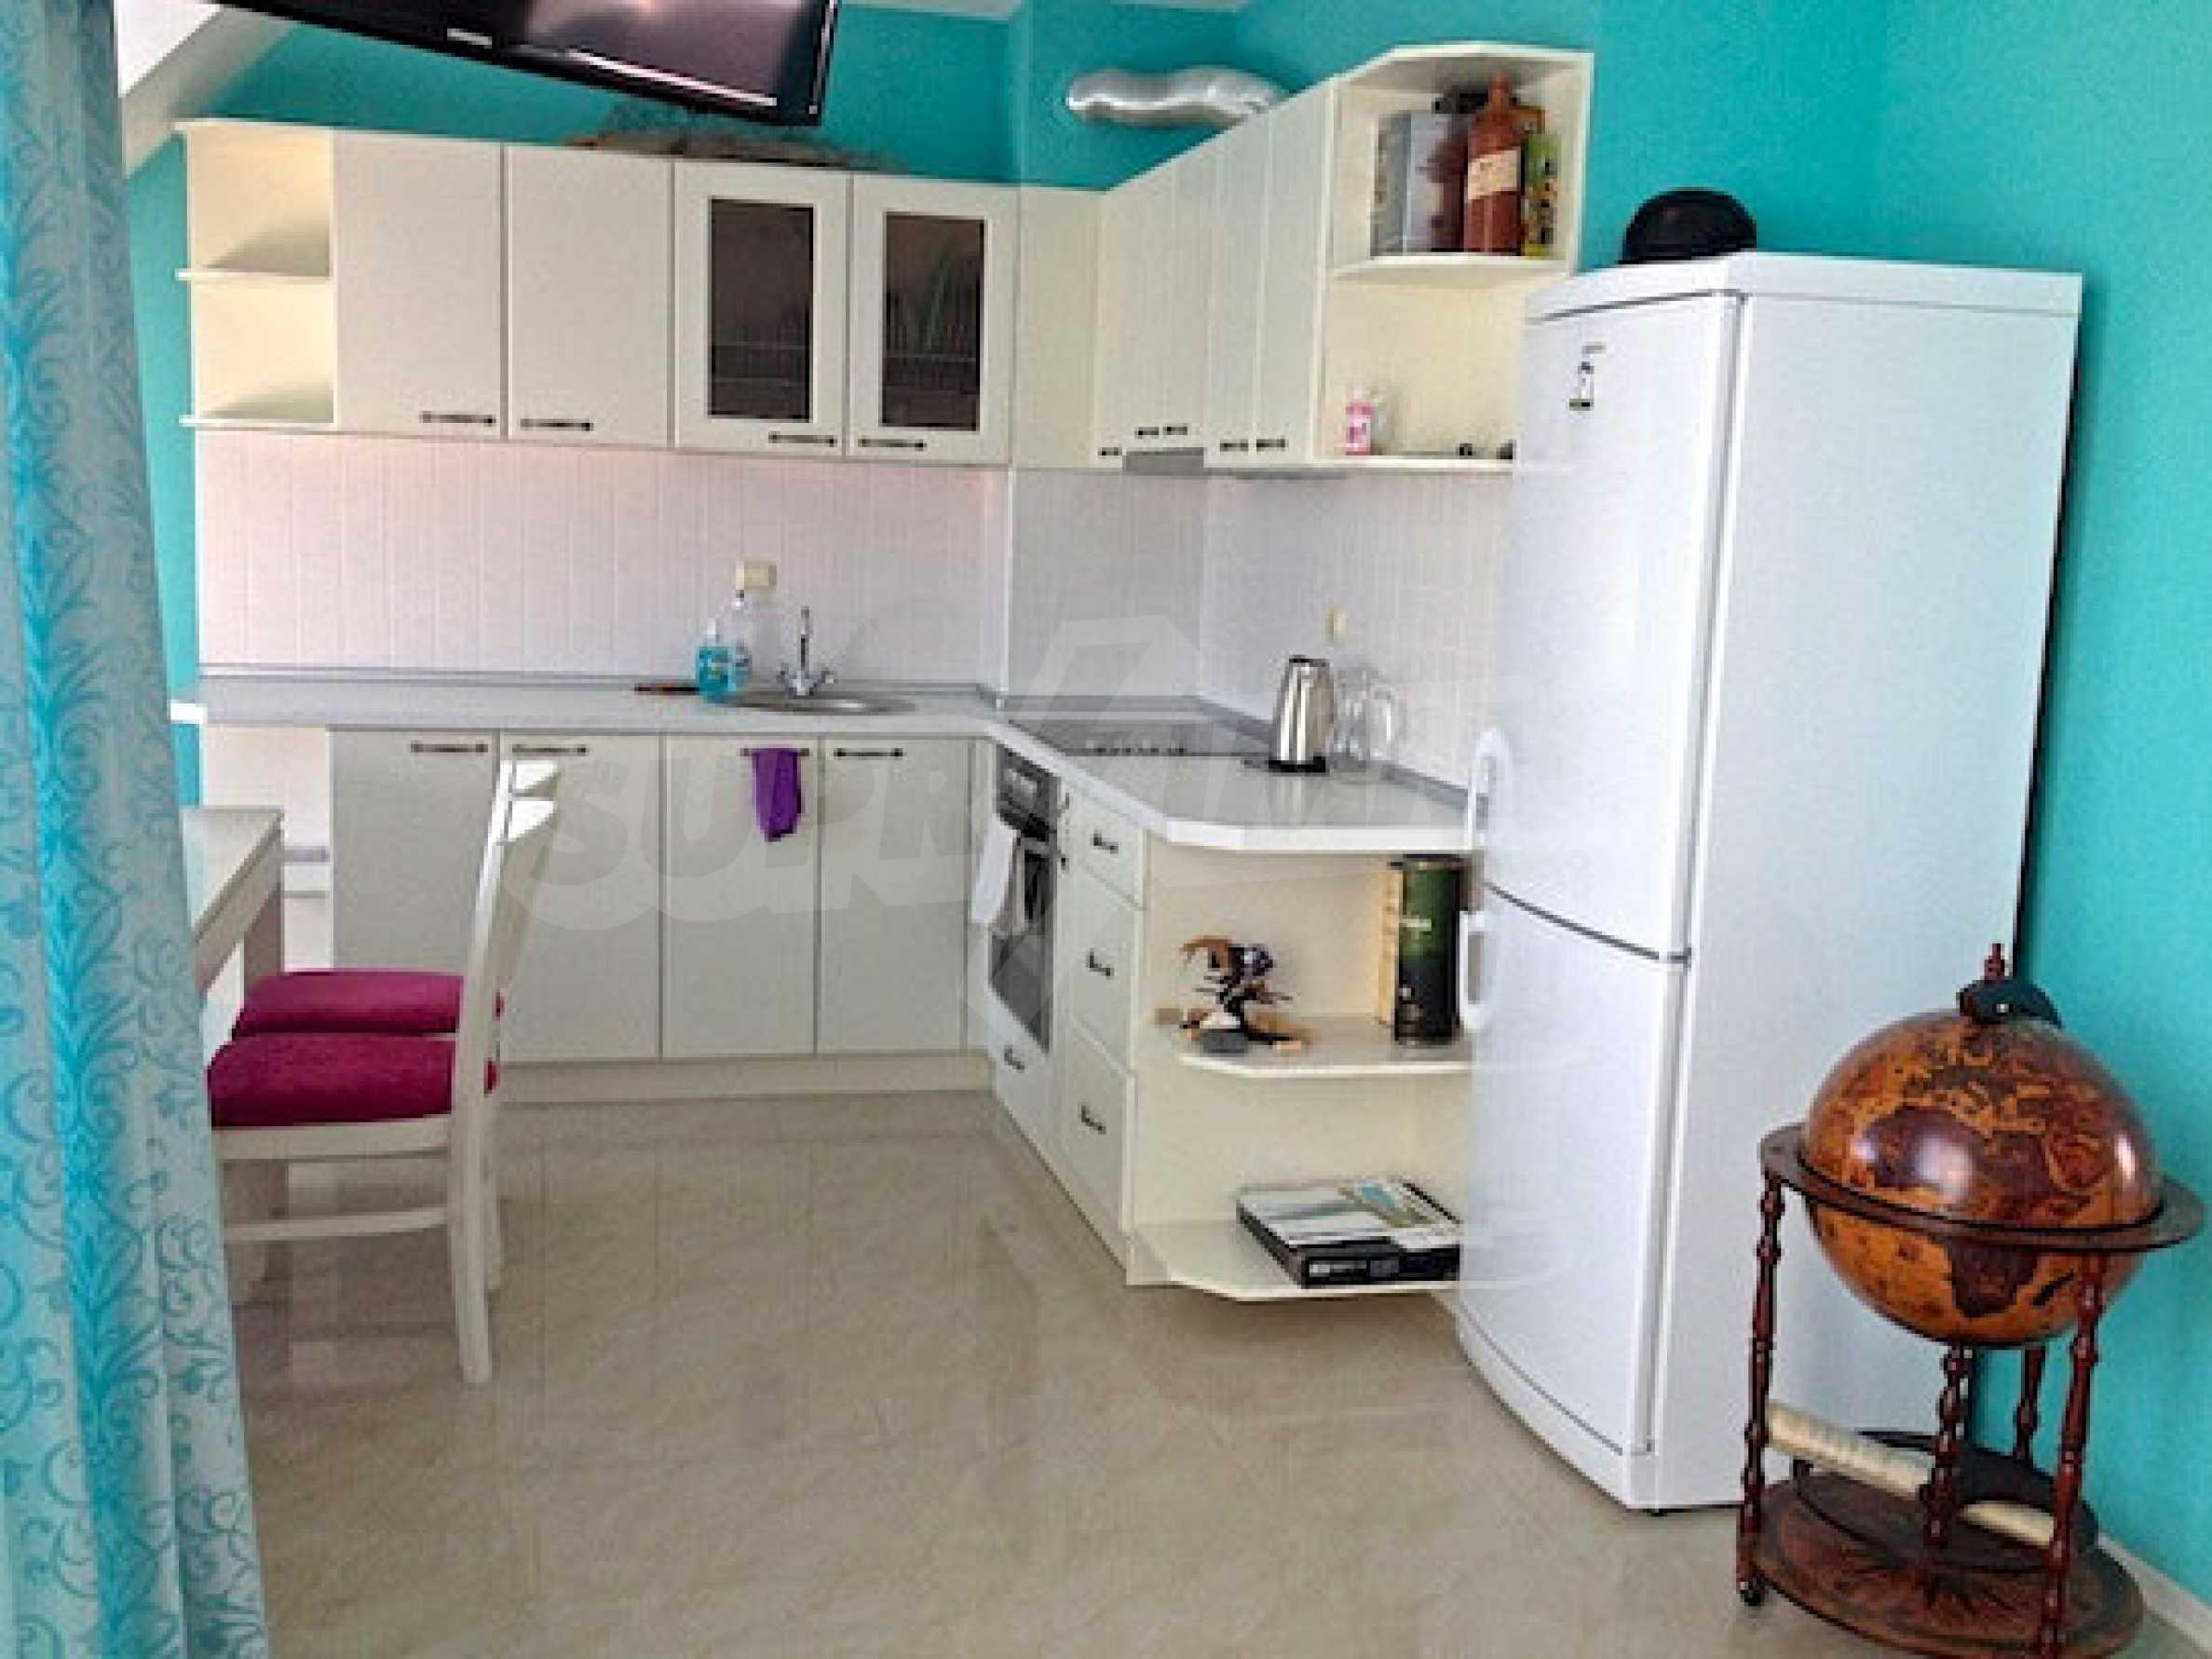 Zwei-Zimmer-Wohnung in einem Komplex 50 Meter vom Meer entfernt 2